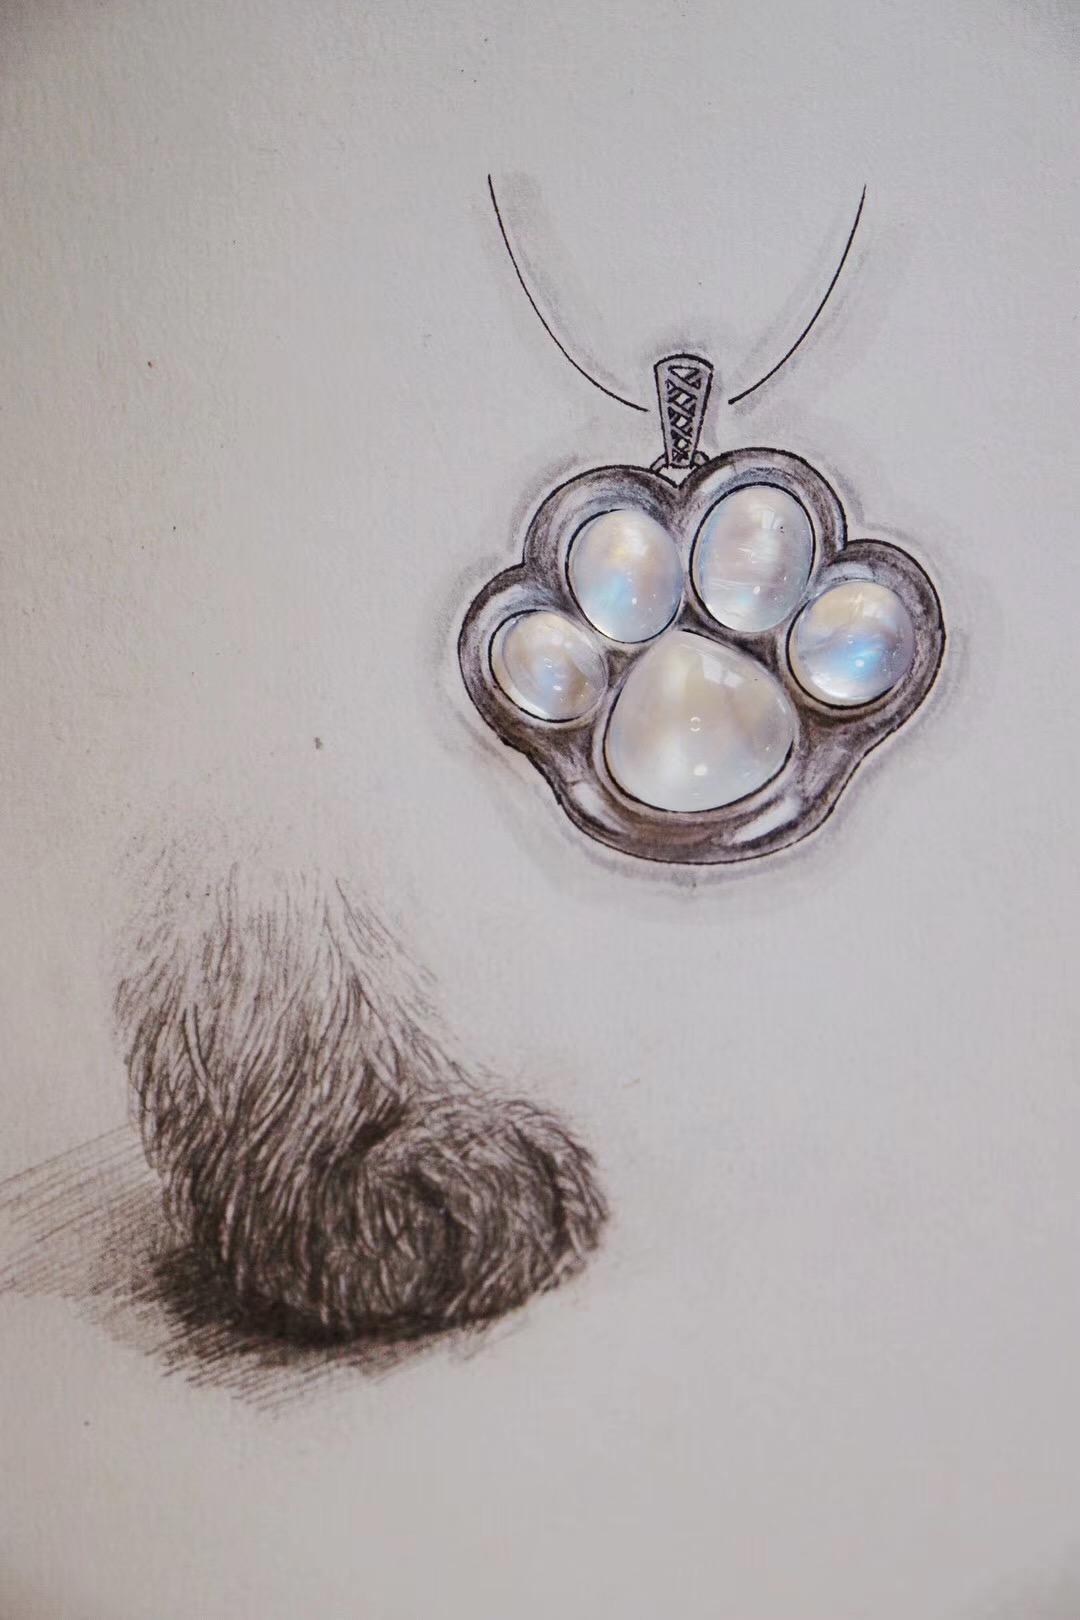 【菩心-月光石】小哥哥定的猫爪,我会给你做成立体的哟~~~-菩心晶舍